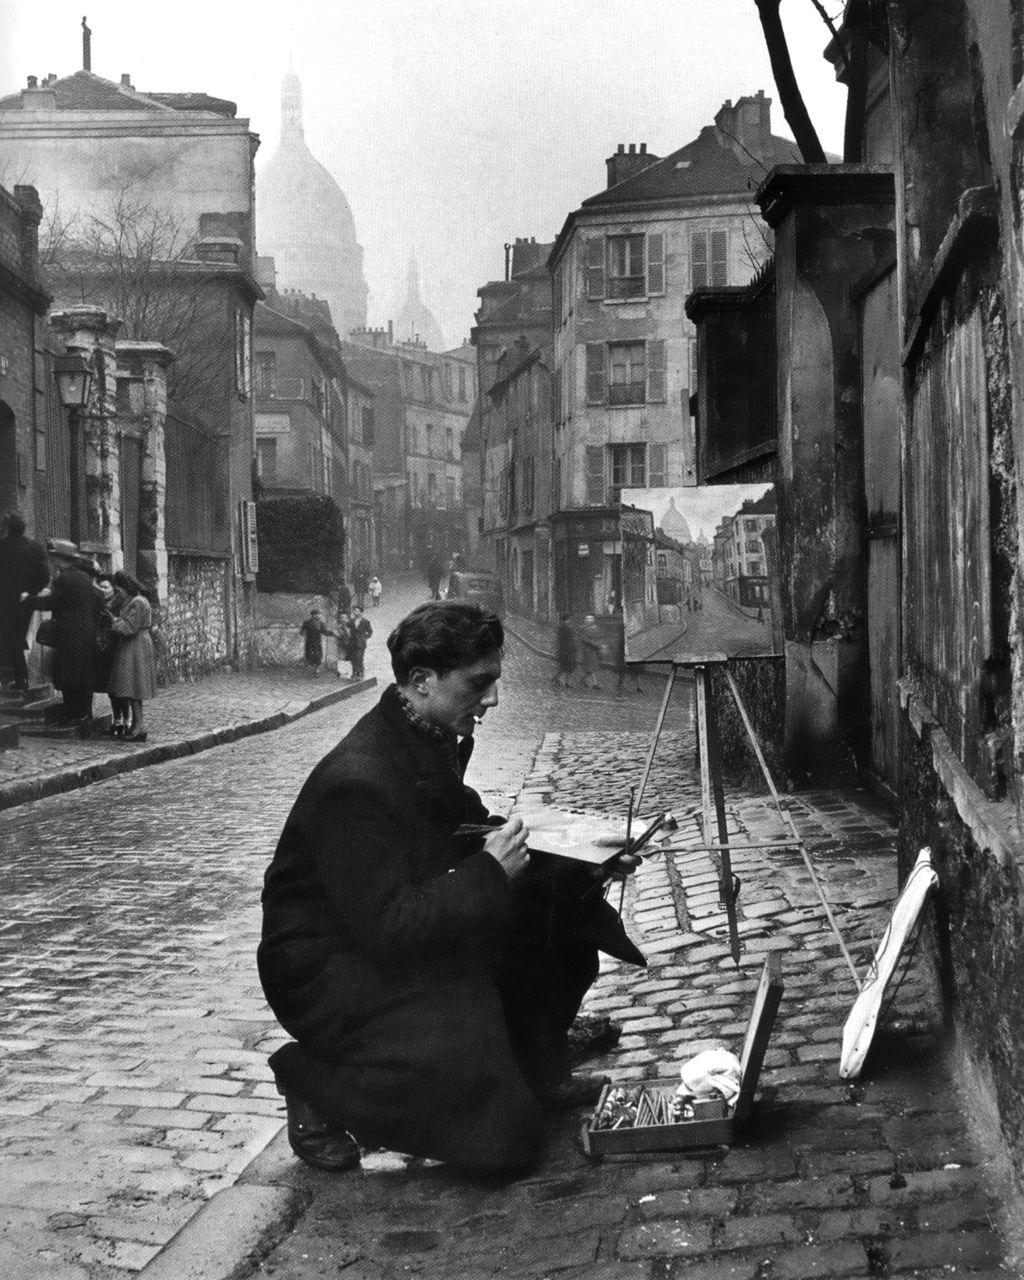 L'artiste dans les rues de Montmartre, Paris, 1946 by Edward Clark